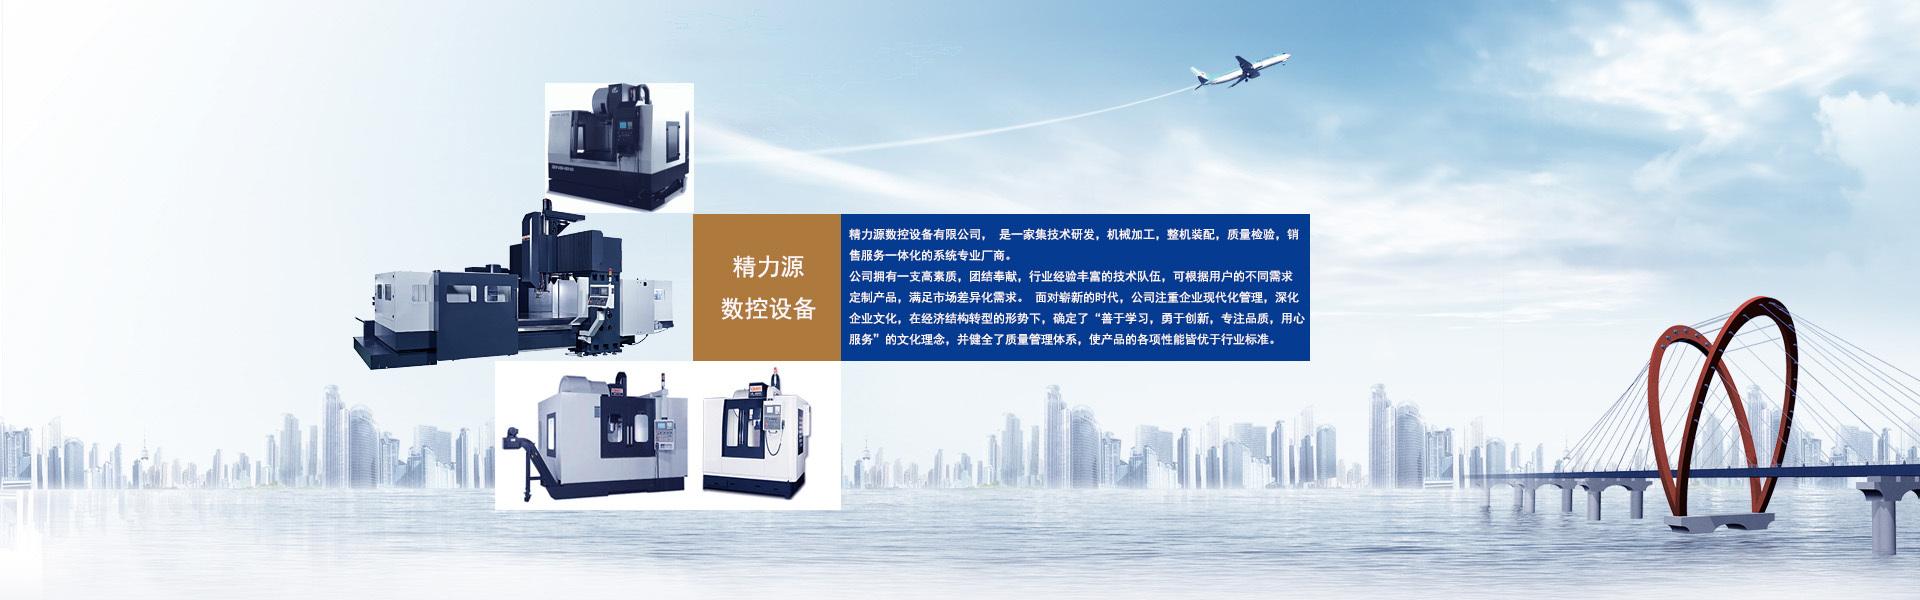 济南数控生产制造|数控机械设备|数控机床设备|铝塑仿形铣床-济南精力源数控设备有限公司